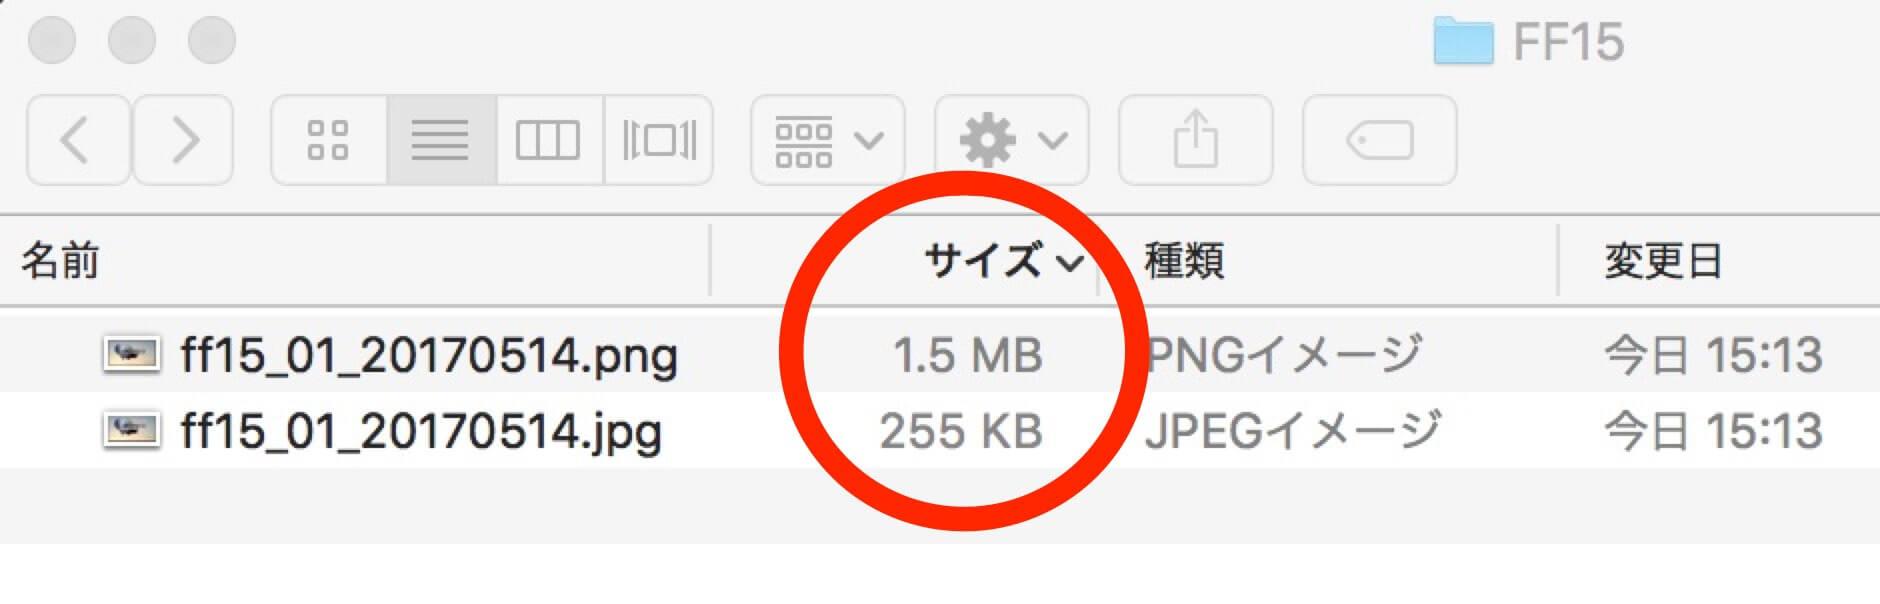 PS4スクショの容量